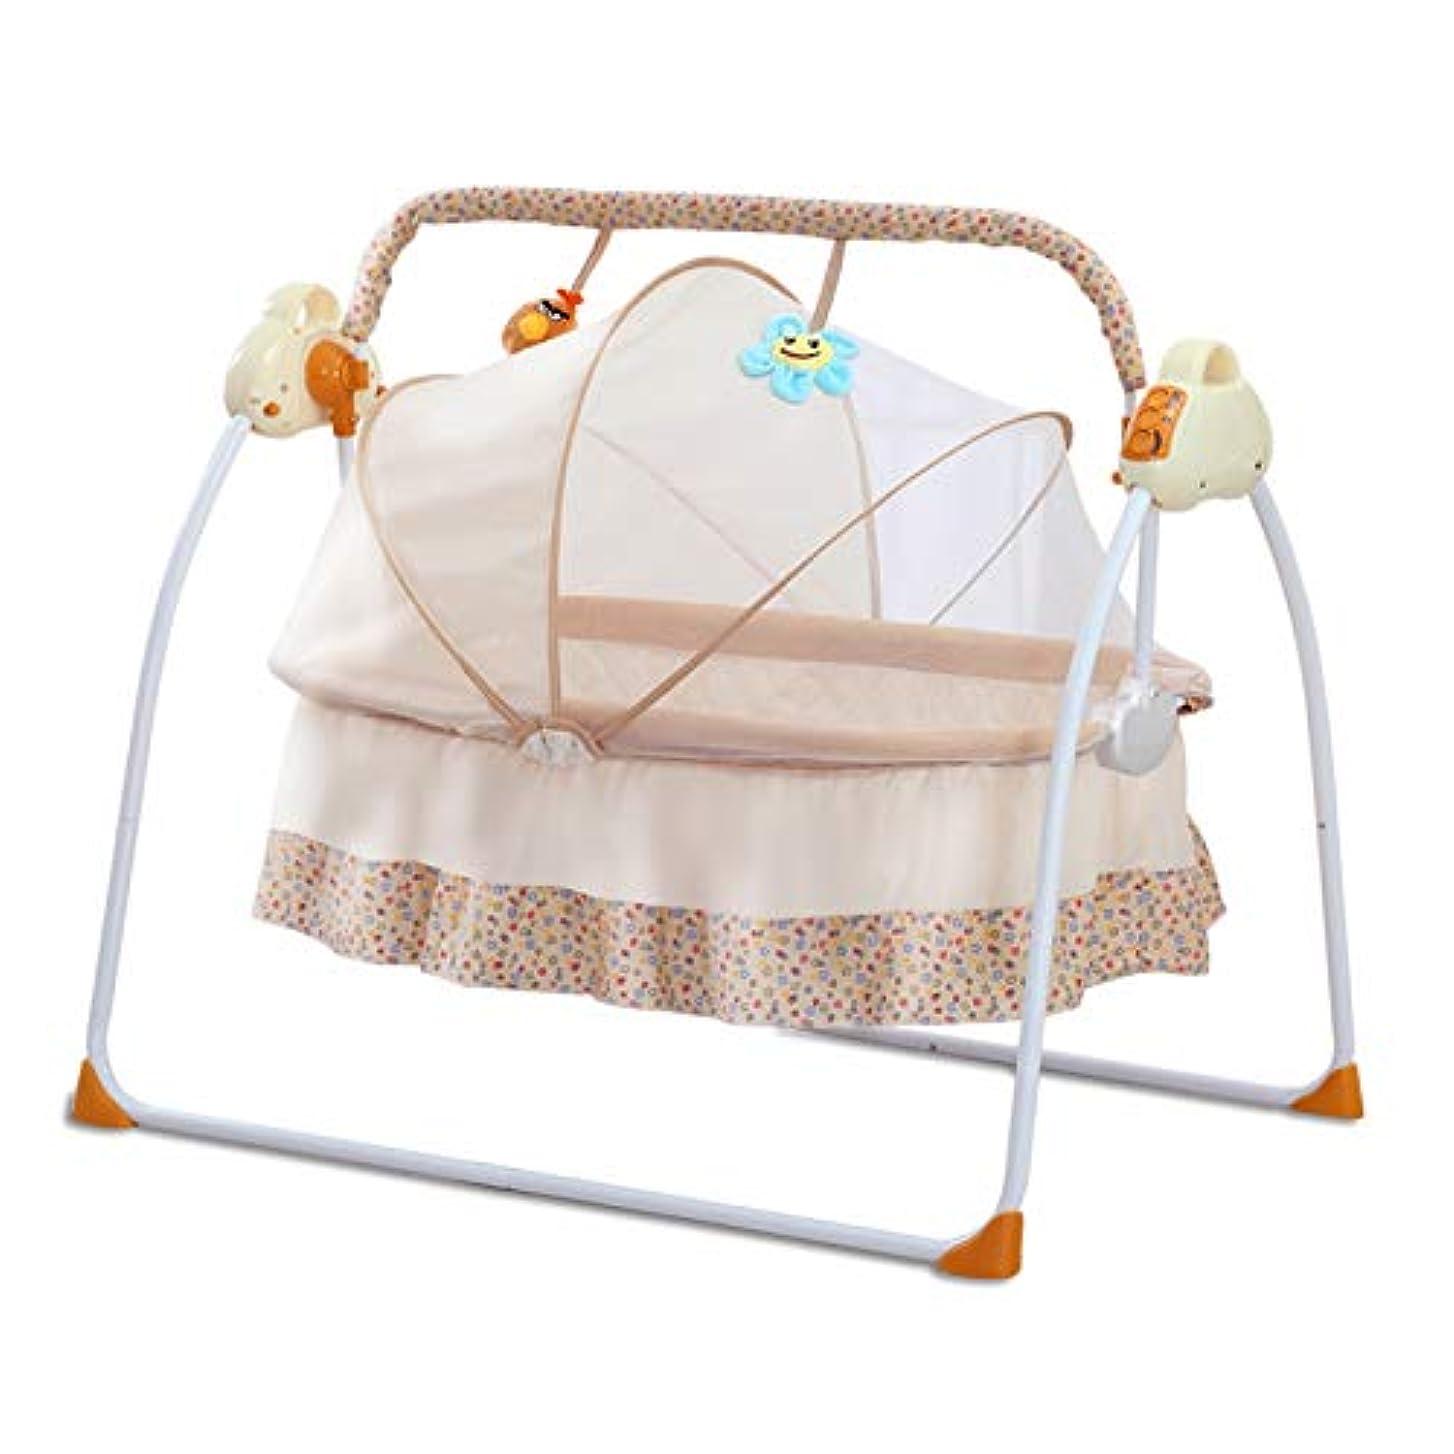 忍耐帰る愚かな赤ちゃんゆりかご クレードル 電動 ブランコベビーベッド新生児睡眠揺籃 揺れるベビーバスケット(イエロー)